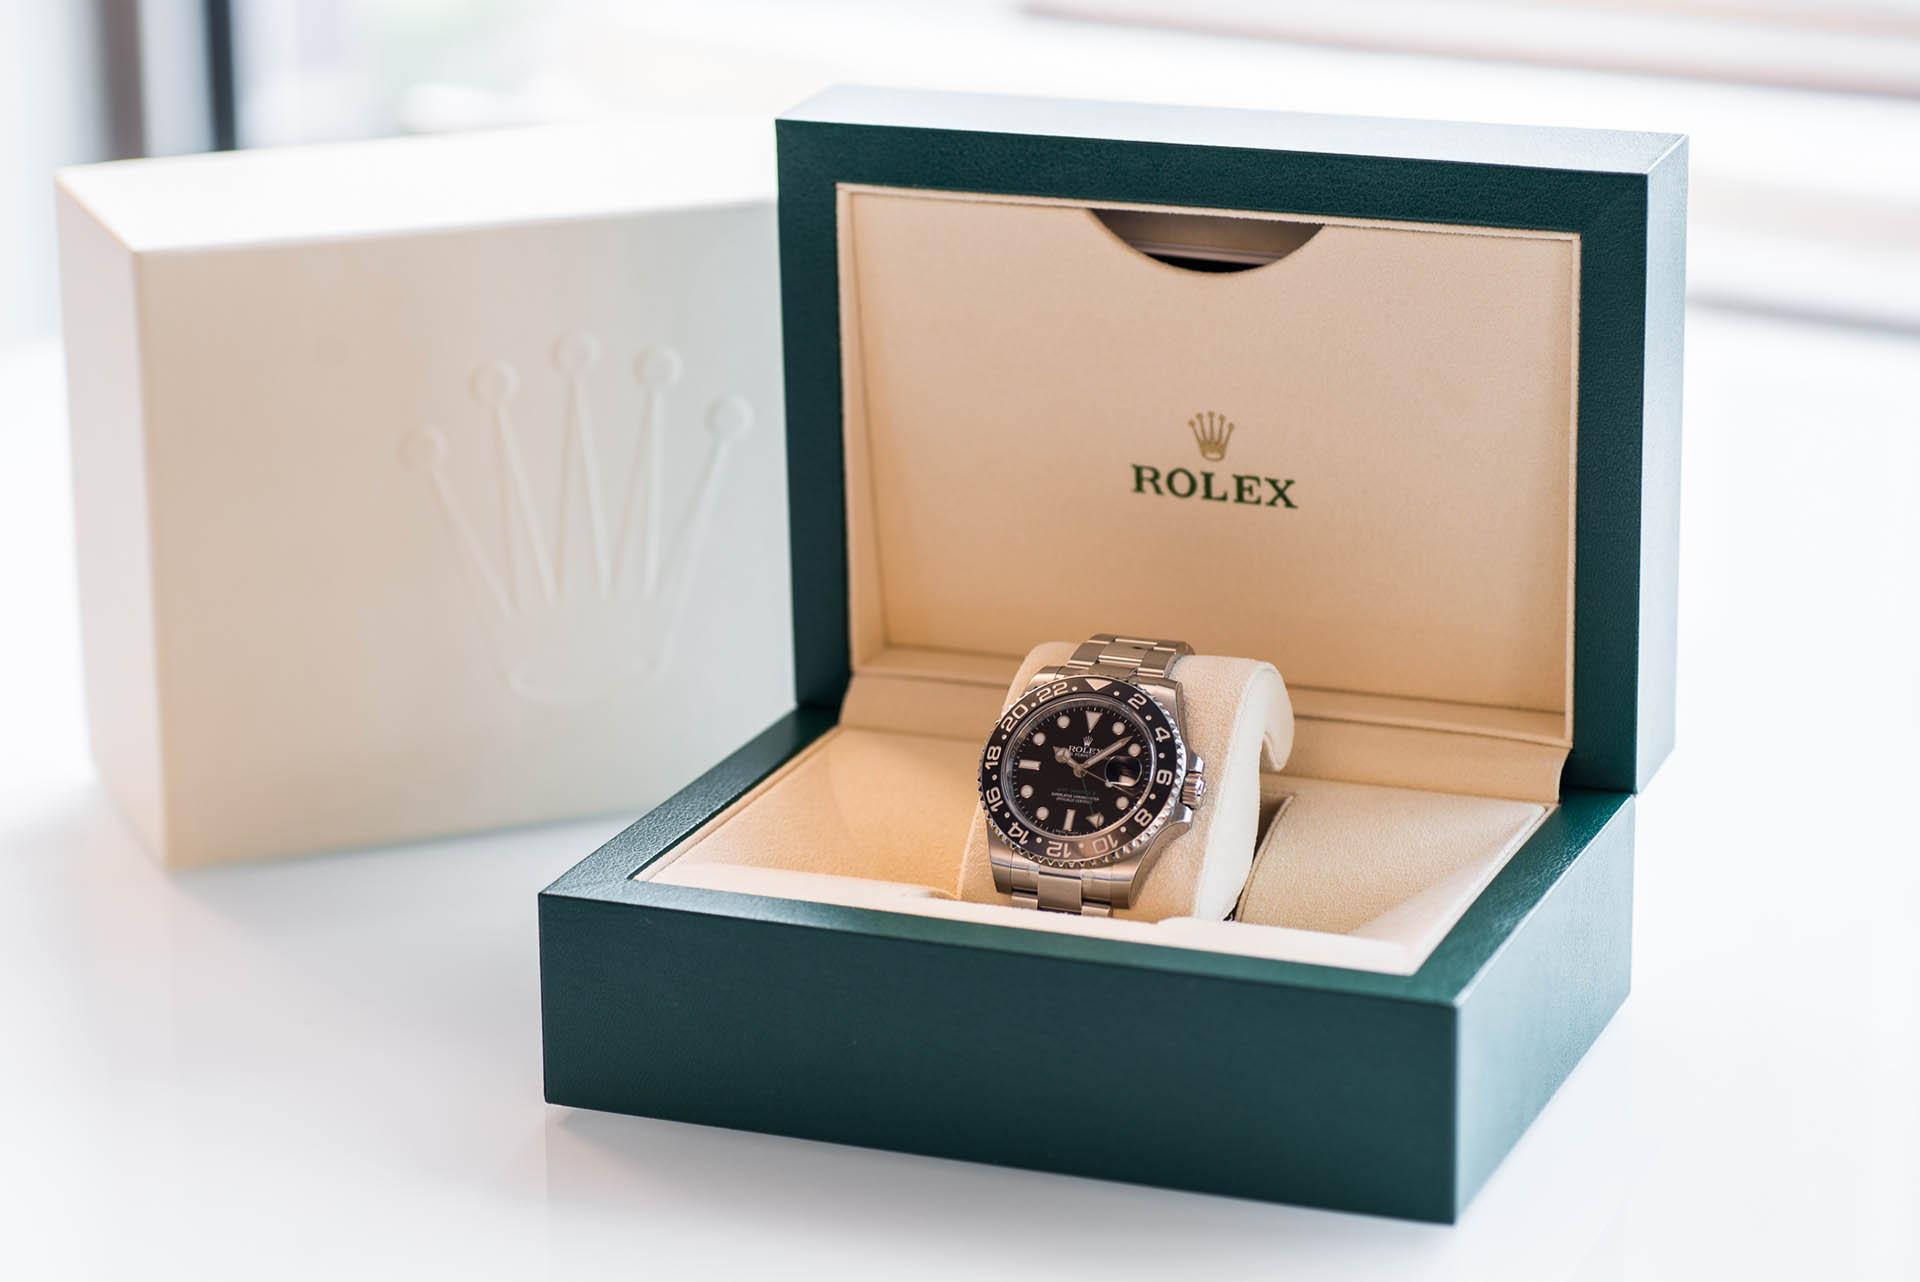 Das Geschäft mit Rolex-Uhren läuft über angekaufte Uhren von Privat, neuwertig oder gebraucht, aber immer mit Papieren.